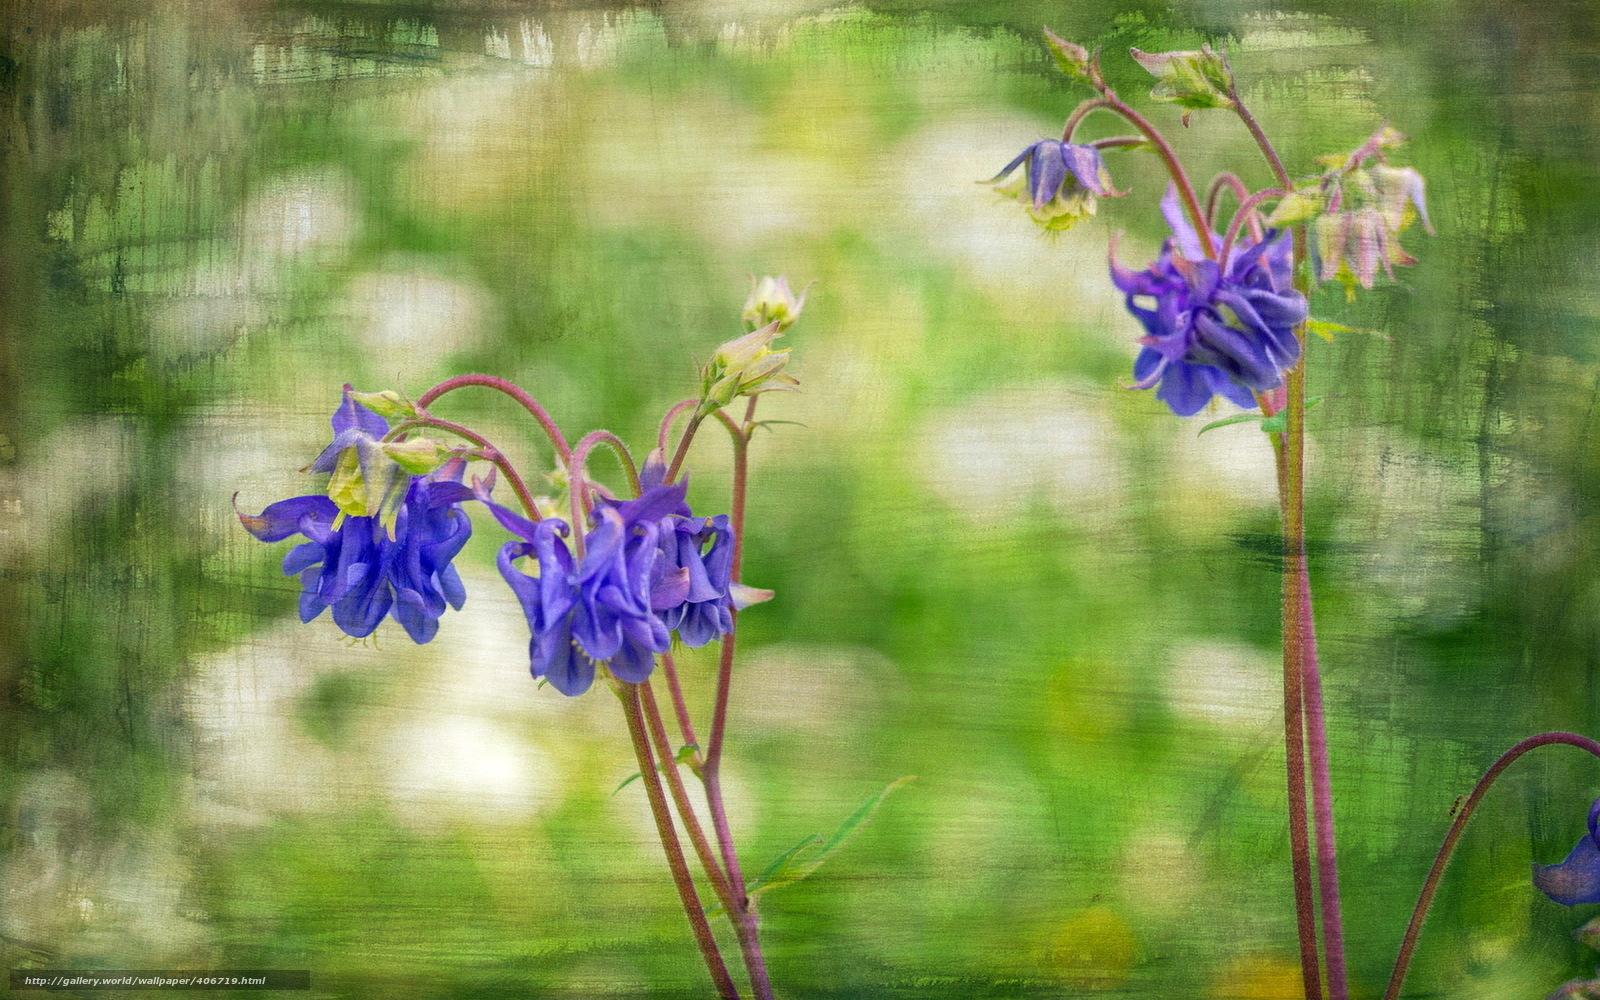 Tlcharger Fond D Ecran Fleurs Style Fond Fonds D Ecran